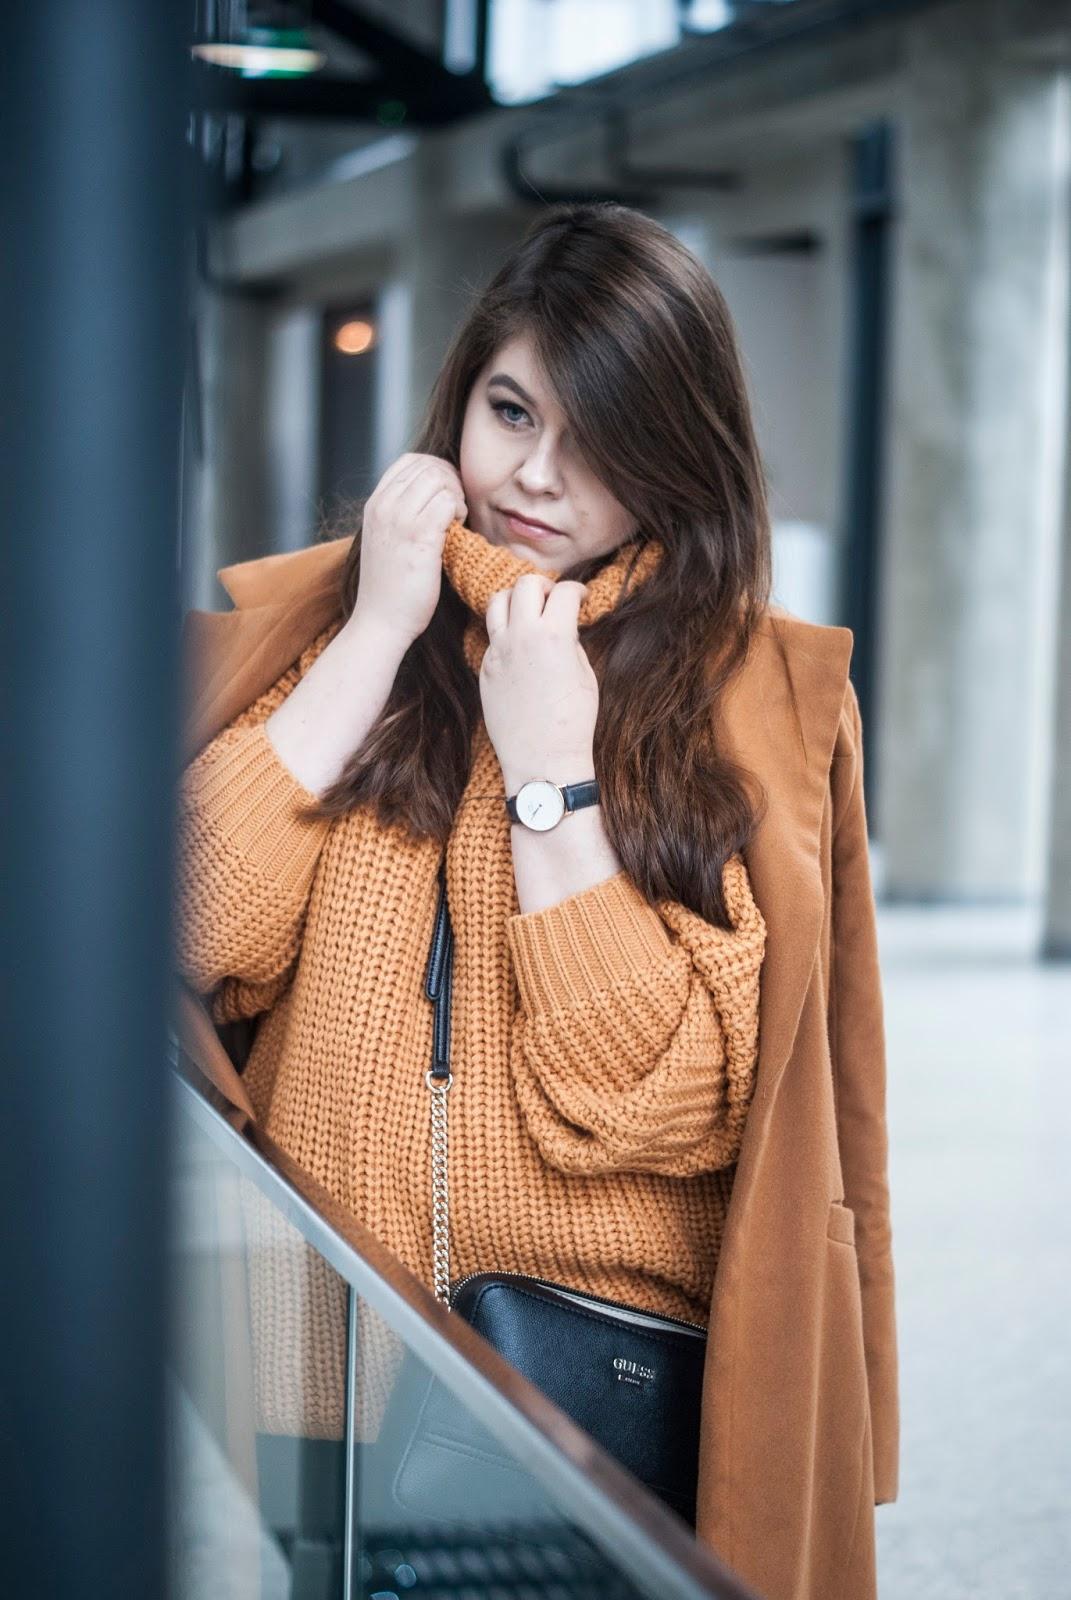 ae215905 Musztardowy Sweter | Feather - Mój Sposób Na Modę